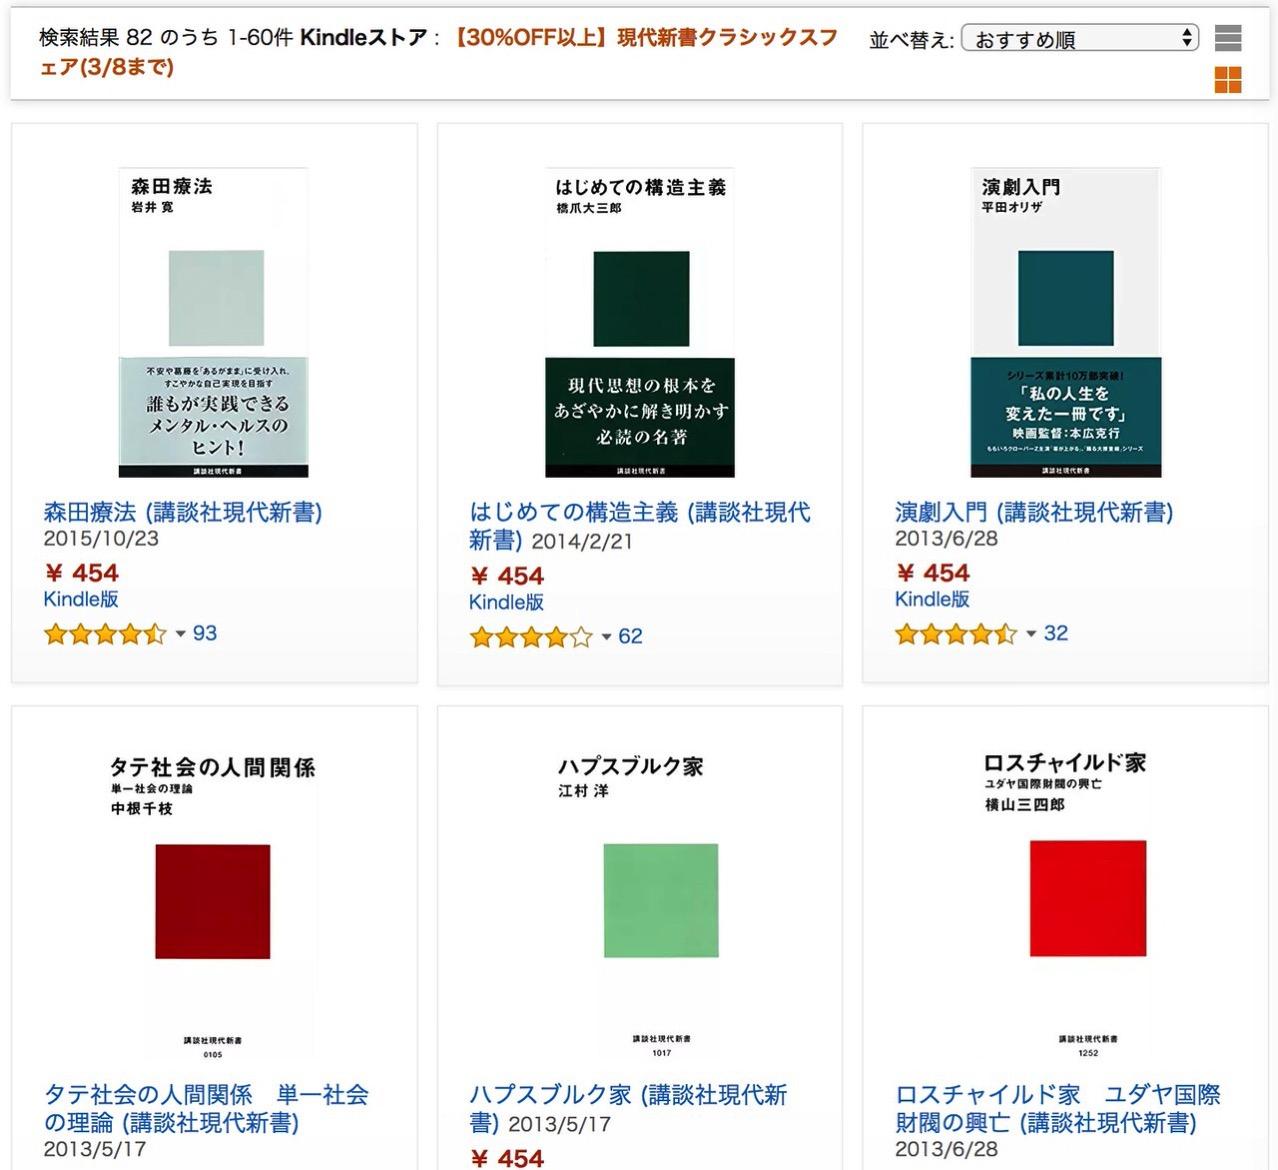 【Kindleセール】30%OFF以上「現代新書クラシックスフェア」(3/8まで)